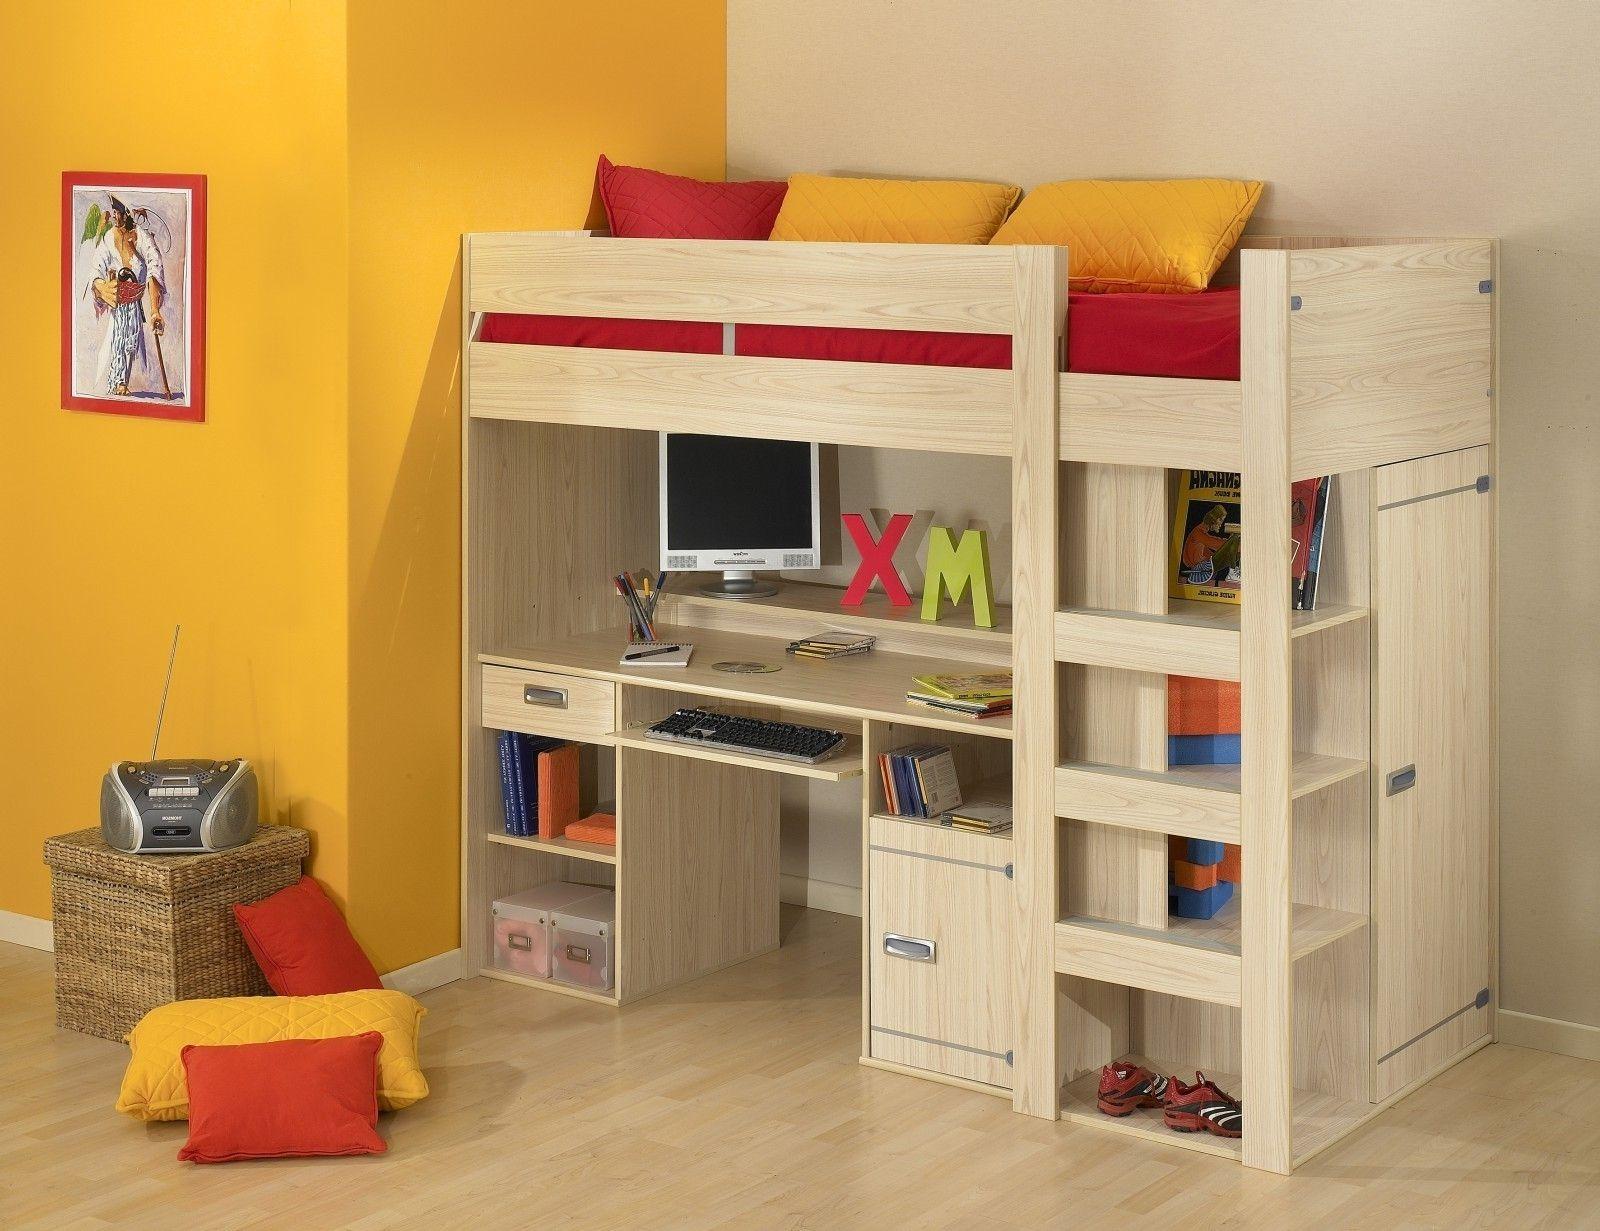 Loft bed with desk on bottom  Wunderbare Computer Schreibtisch Bett Schreibtisch  Standup